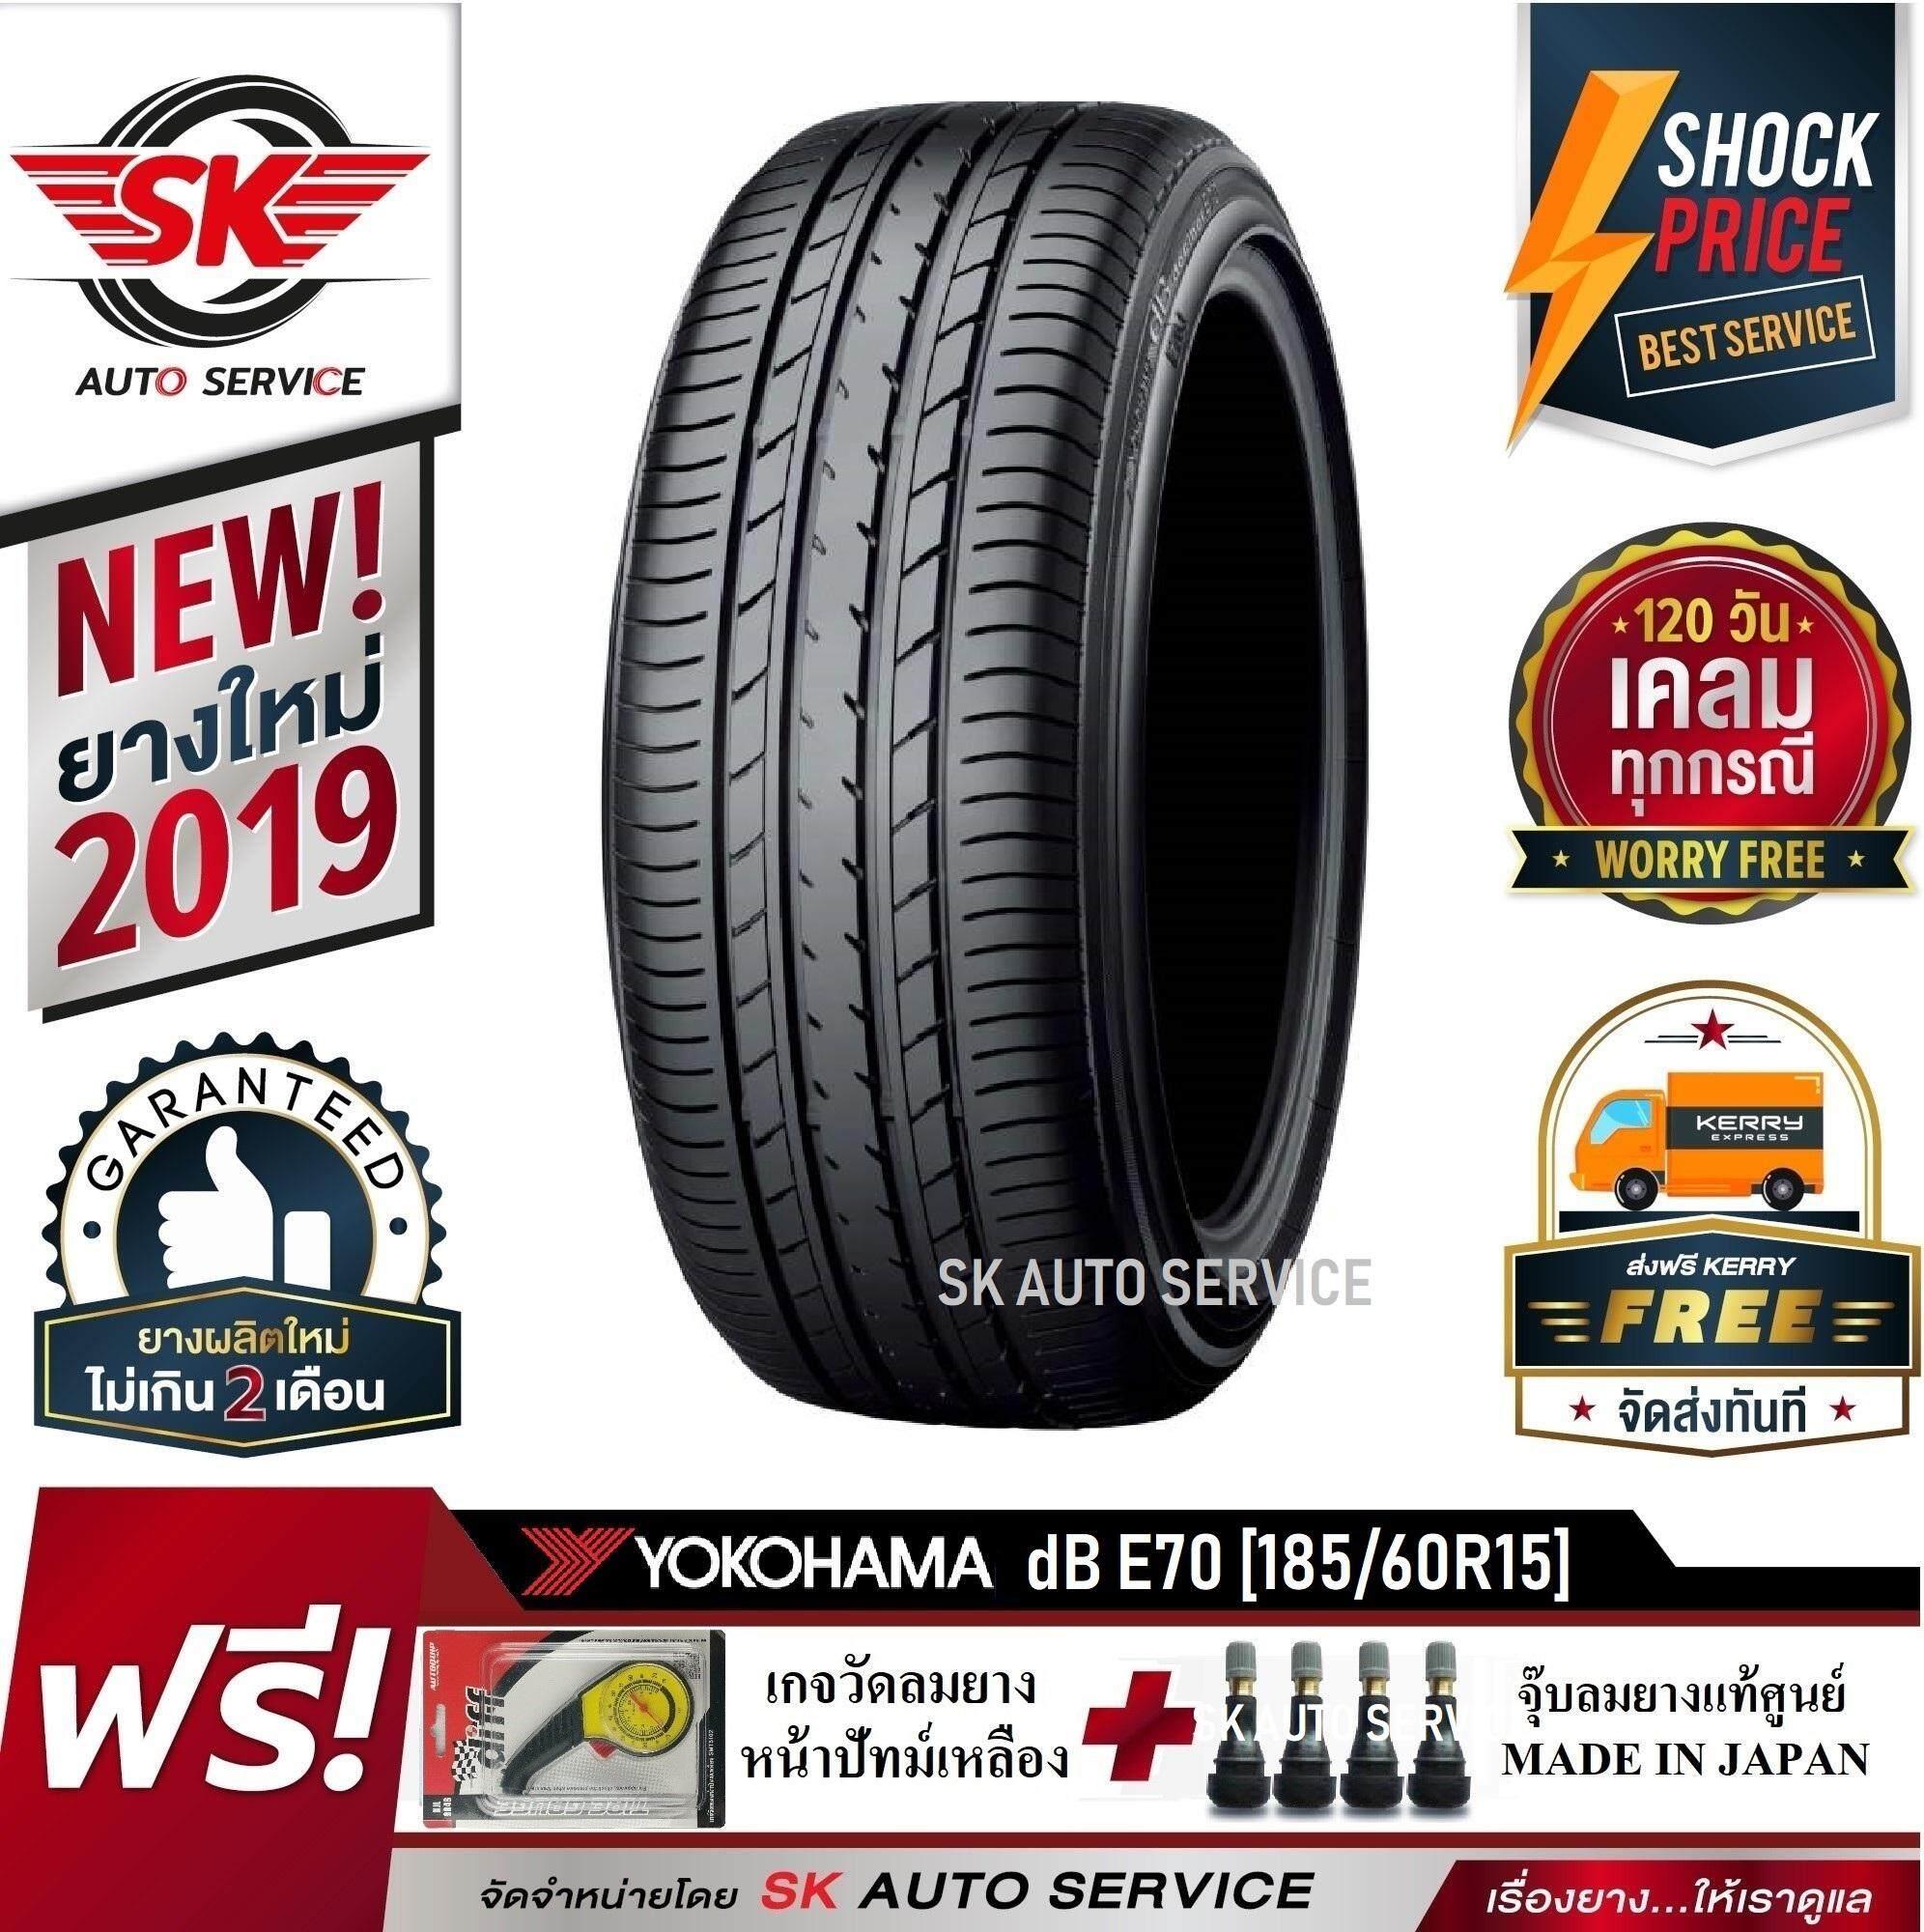 ประกันภัย รถยนต์ 3 พลัส ราคา ถูก ภูเก็ต YOKOHAMA ยางรถยนต์ 185/60R15 (เก๋งล้อขอบ15) รุ่น E70 4 เส้น (รุ่นใหม่ ผลิตปี 2019)